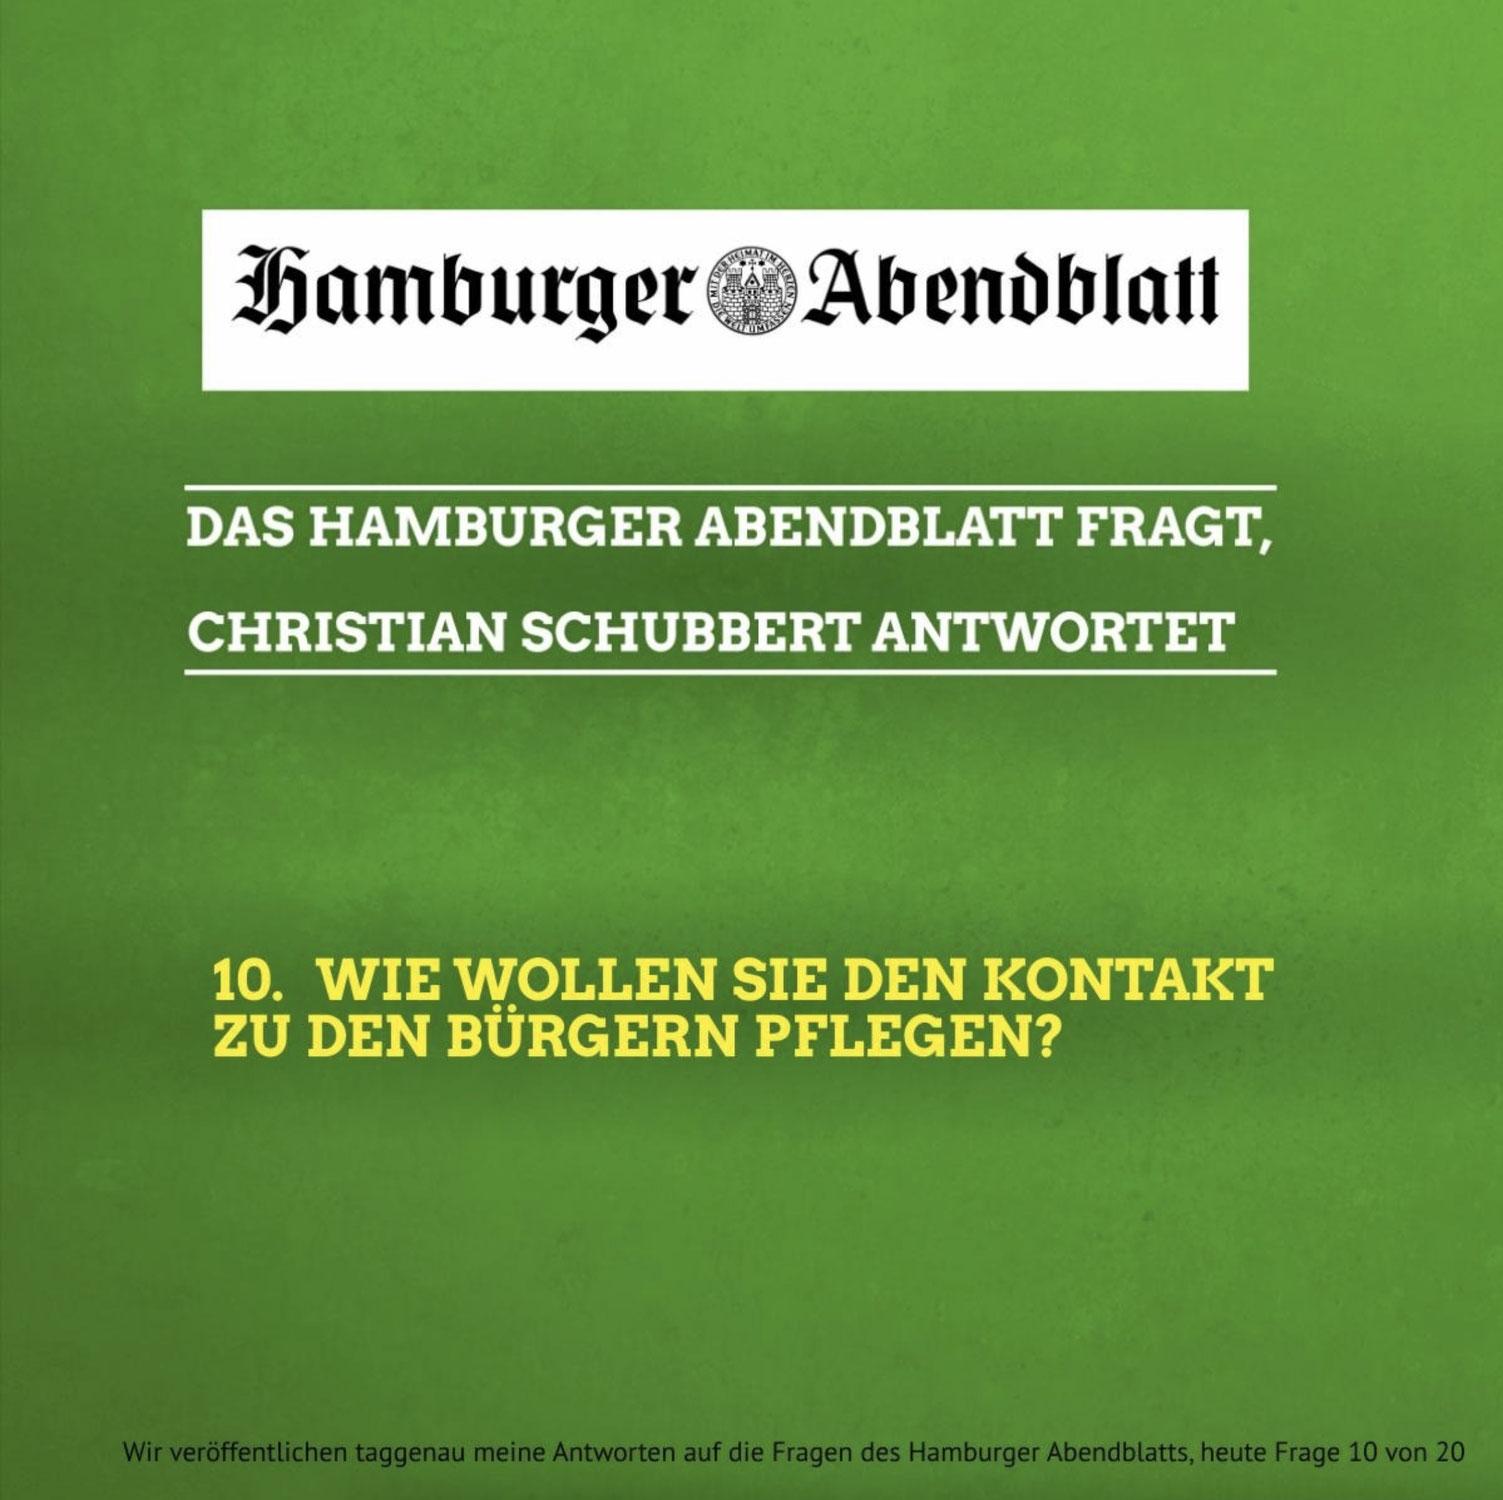 Das Hamburger Abendblatt fragt, Christian Schubbert antwortet: 10. Wie wollen Sie den Kontakt zu den Bürgern pflegen?